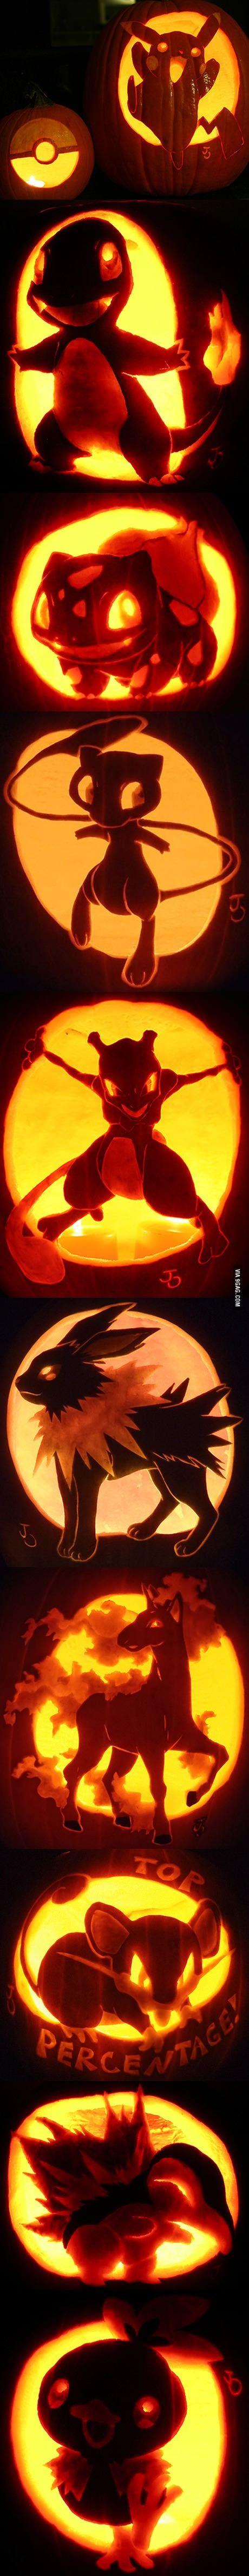 Best 25+ Halloween pumpkin carvings ideas only on Pinterest ...